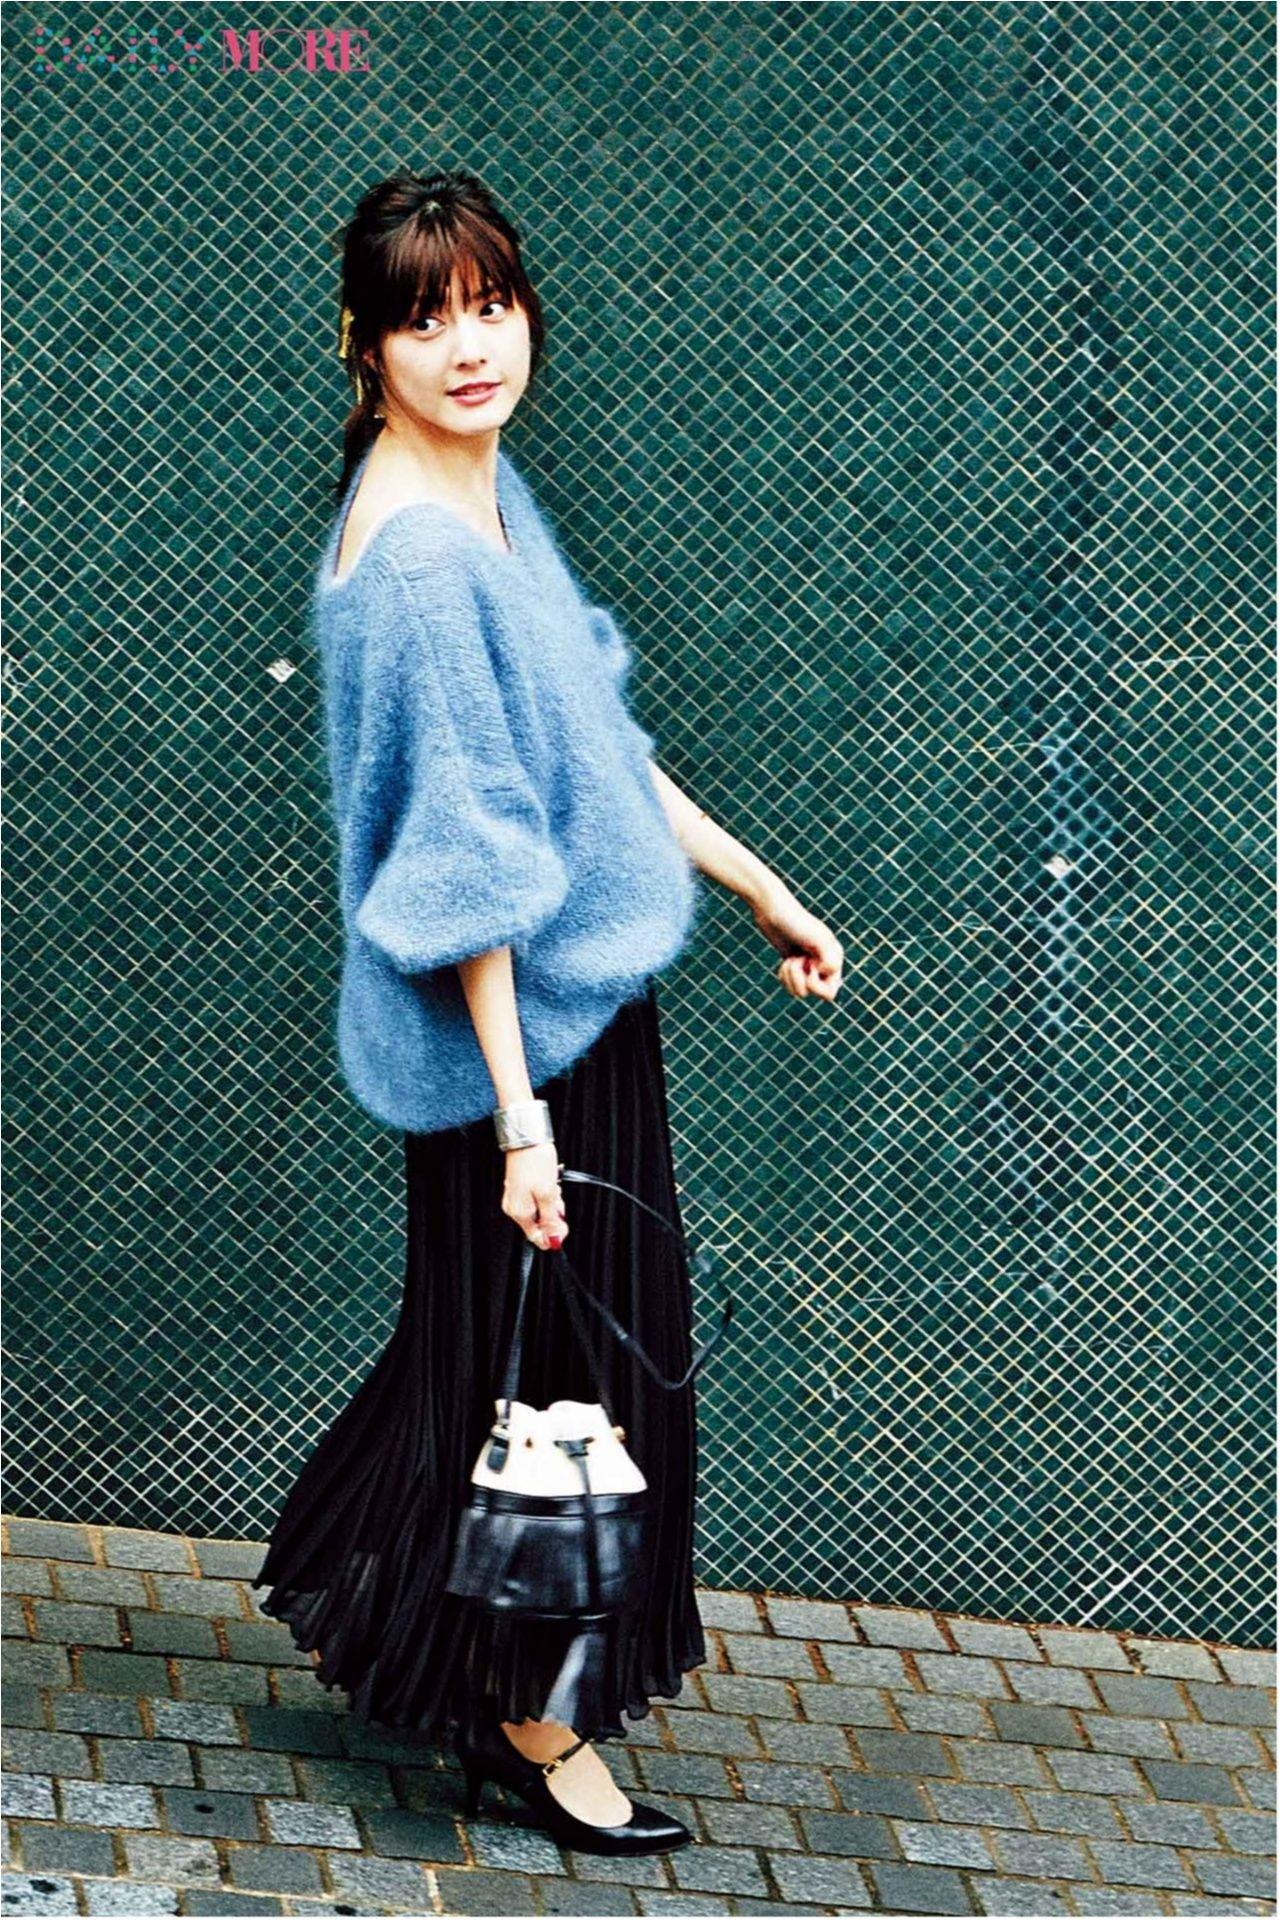 cb30165588c60 超私的「女友達が着ていたらグッとくる」ベストコーデ☆ 10月の今日のオススメ♥コーデ大賞!